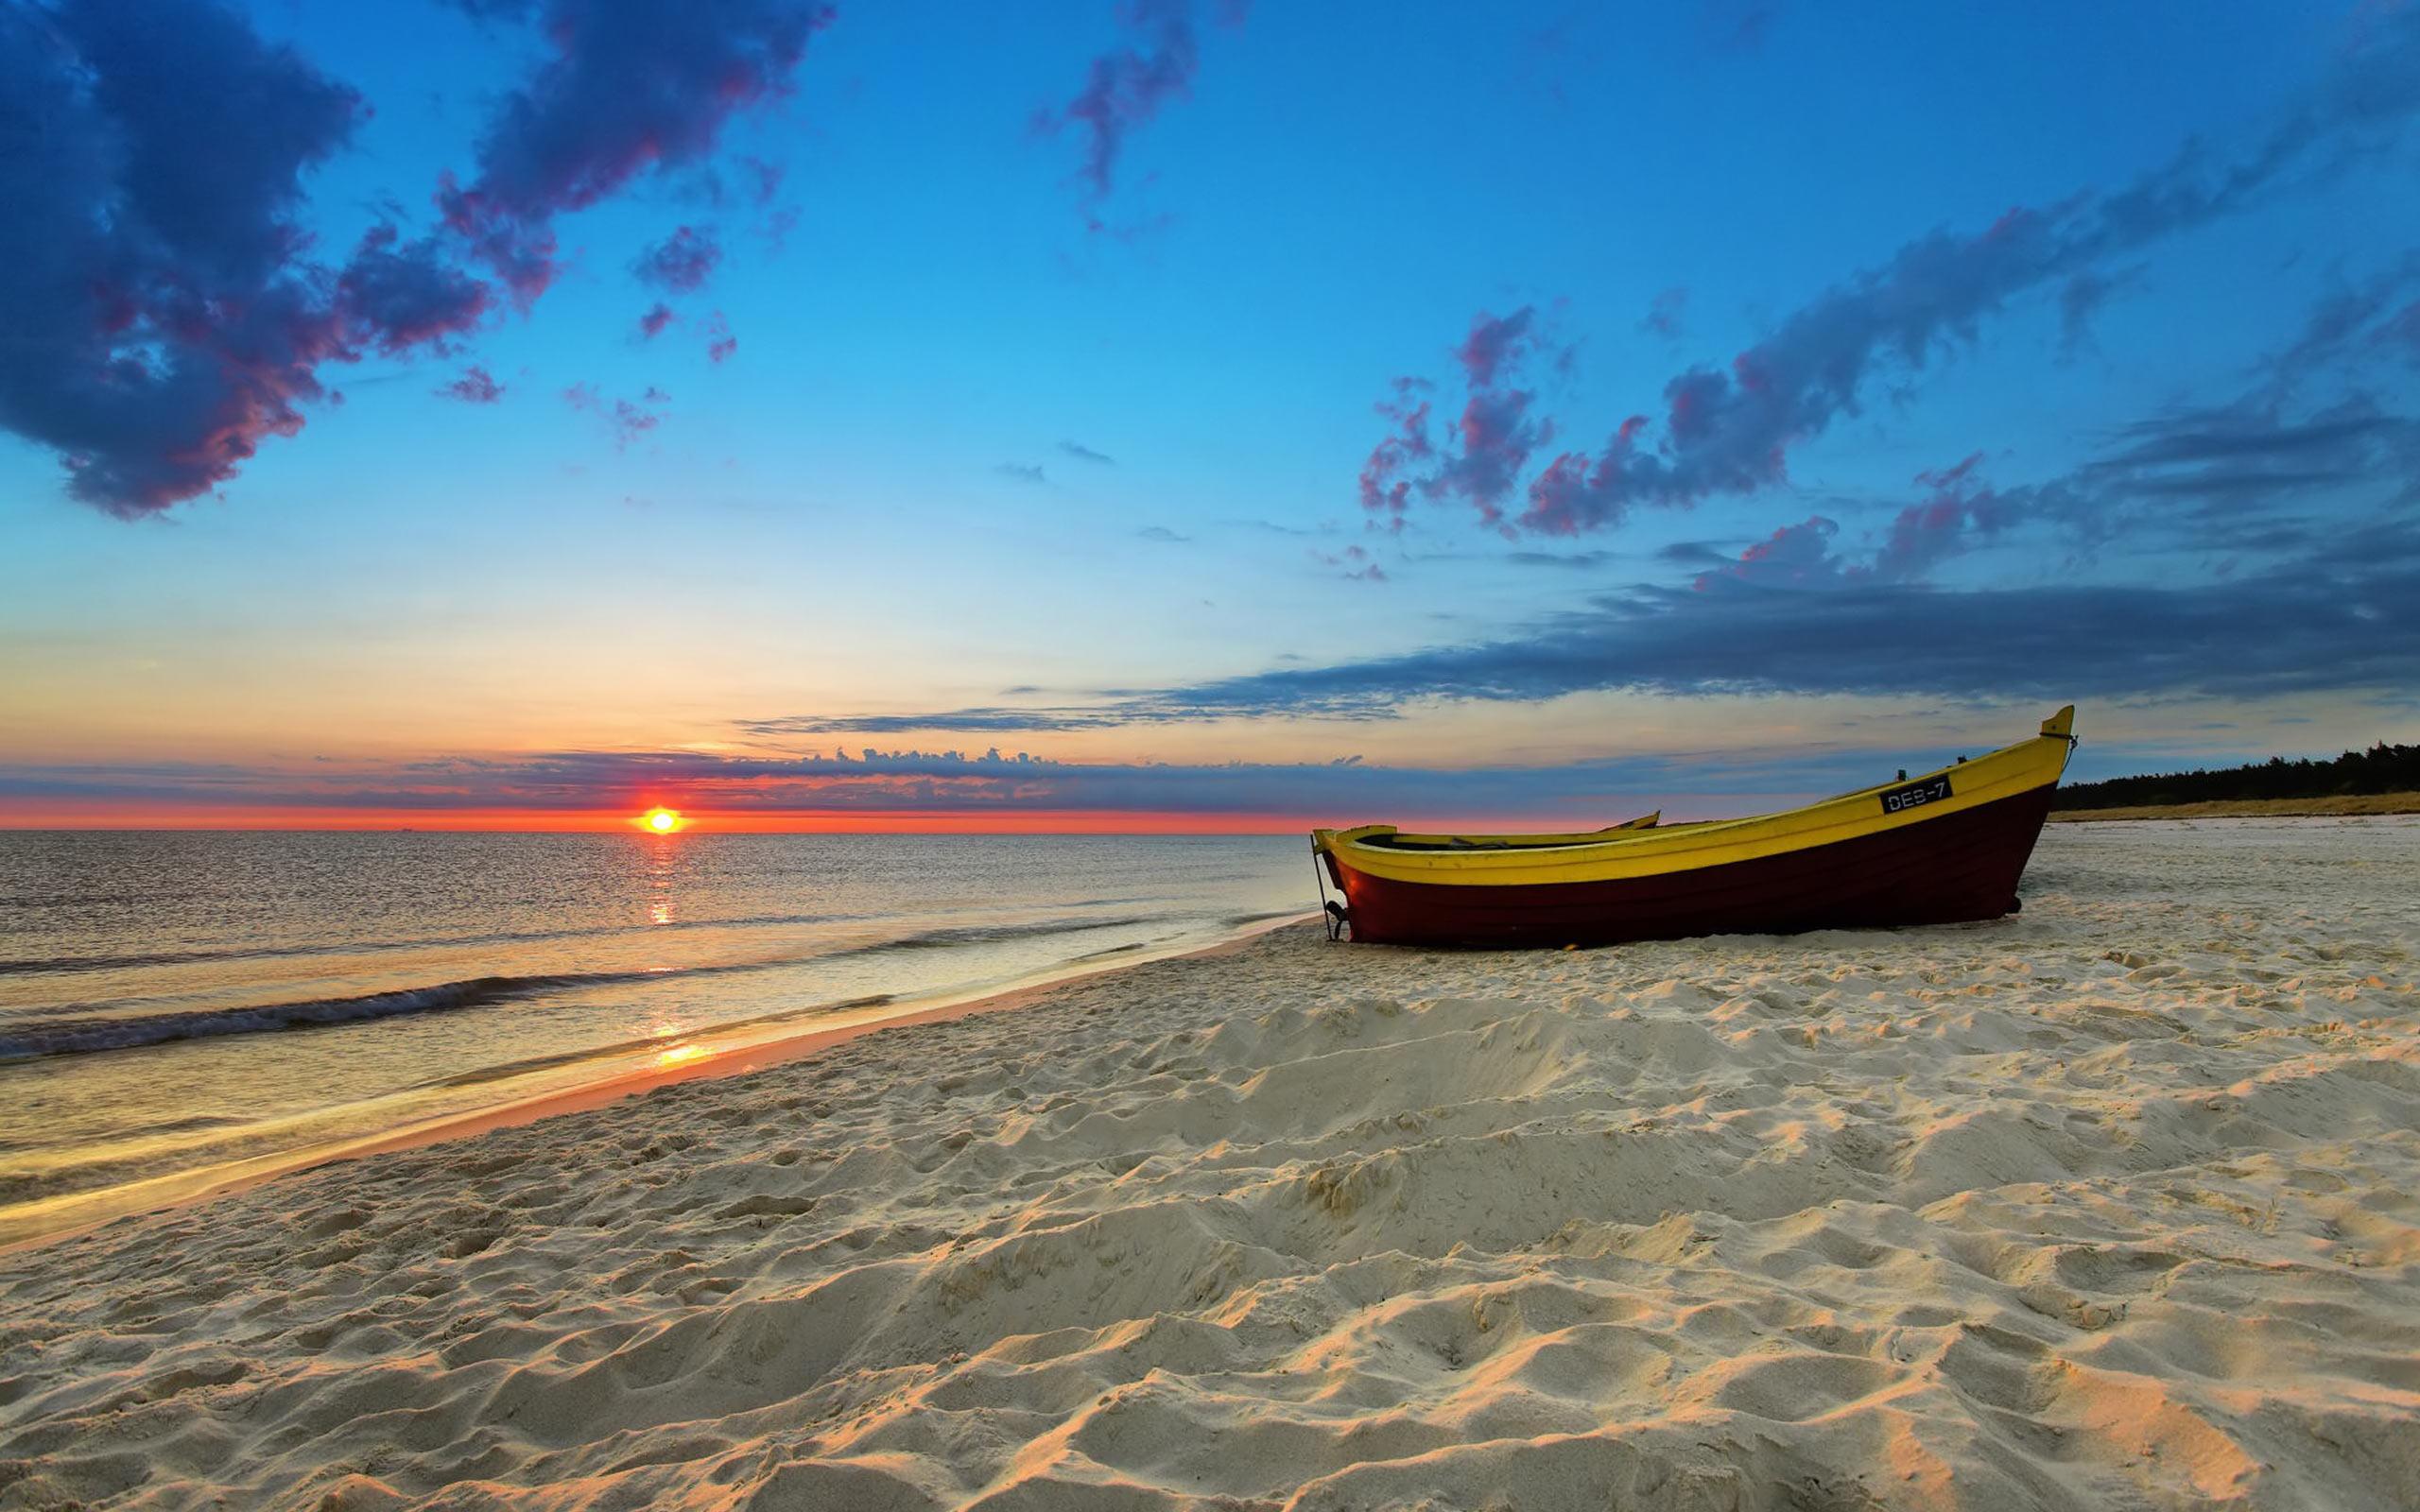 Sunset Beach HD Wallpapers Beach sunset Desktop Images 2560x1600